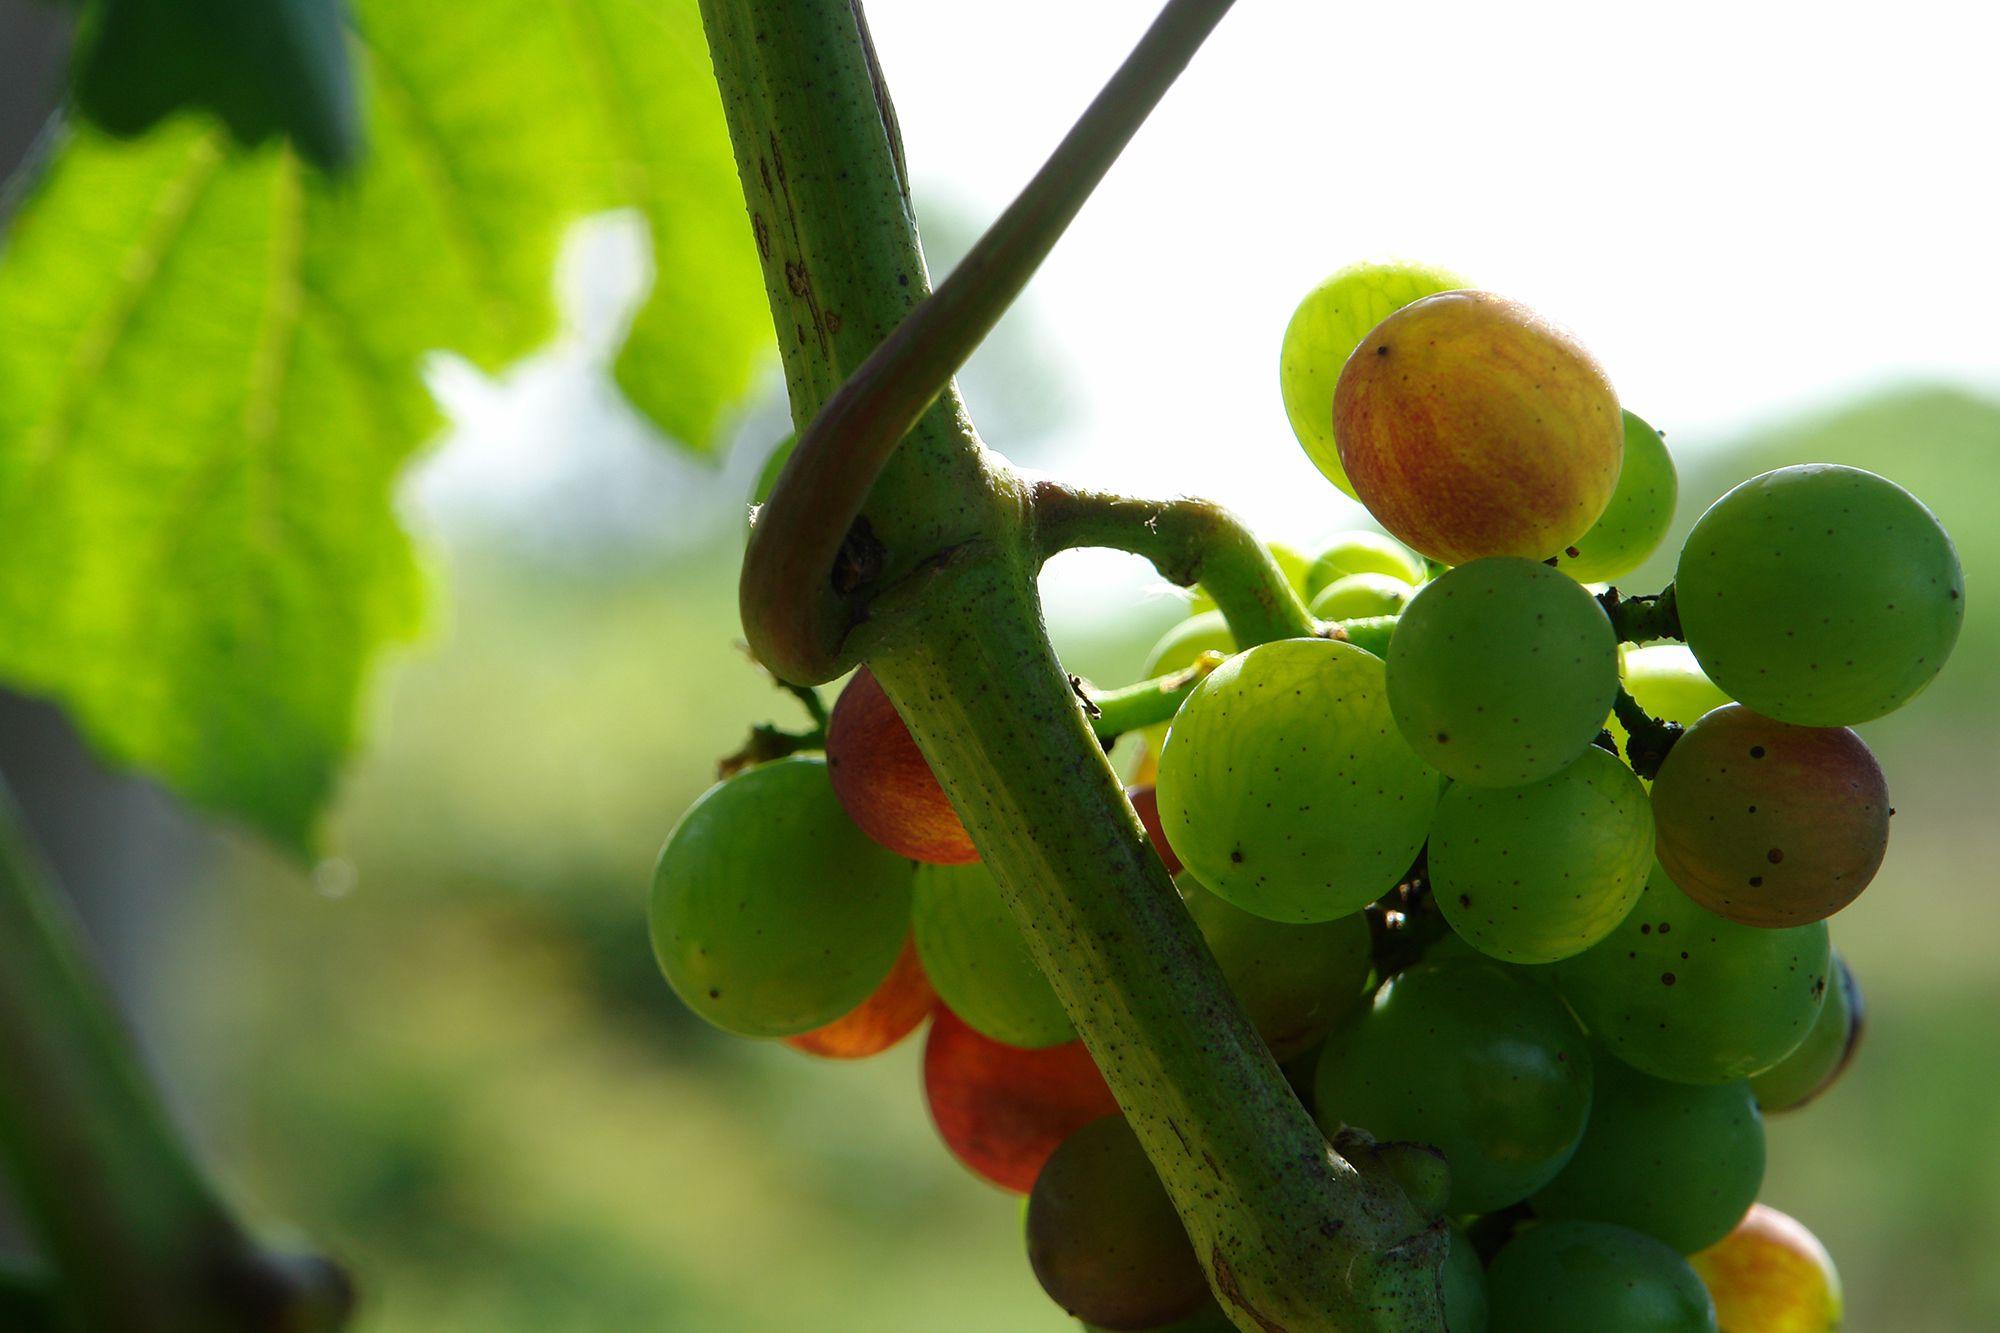 ヴェレゾン(色づき)が始まった甲州。甲州から造られるのは原則として白ワインだが、じつは果皮の色は紫色をしている。